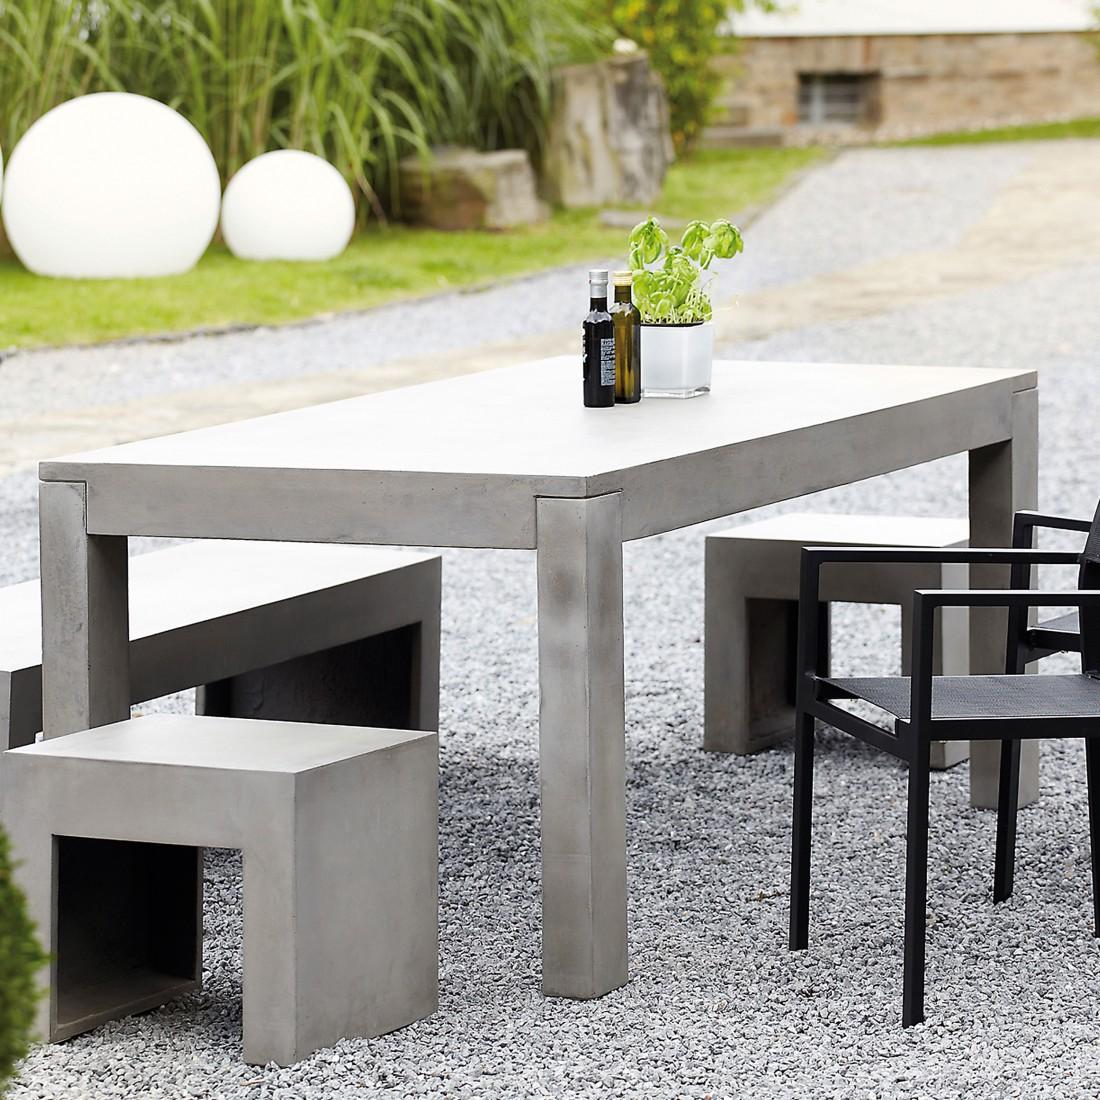 beton tisch beton grau jan kurtz q ik 21148 kauf dir. Black Bedroom Furniture Sets. Home Design Ideas